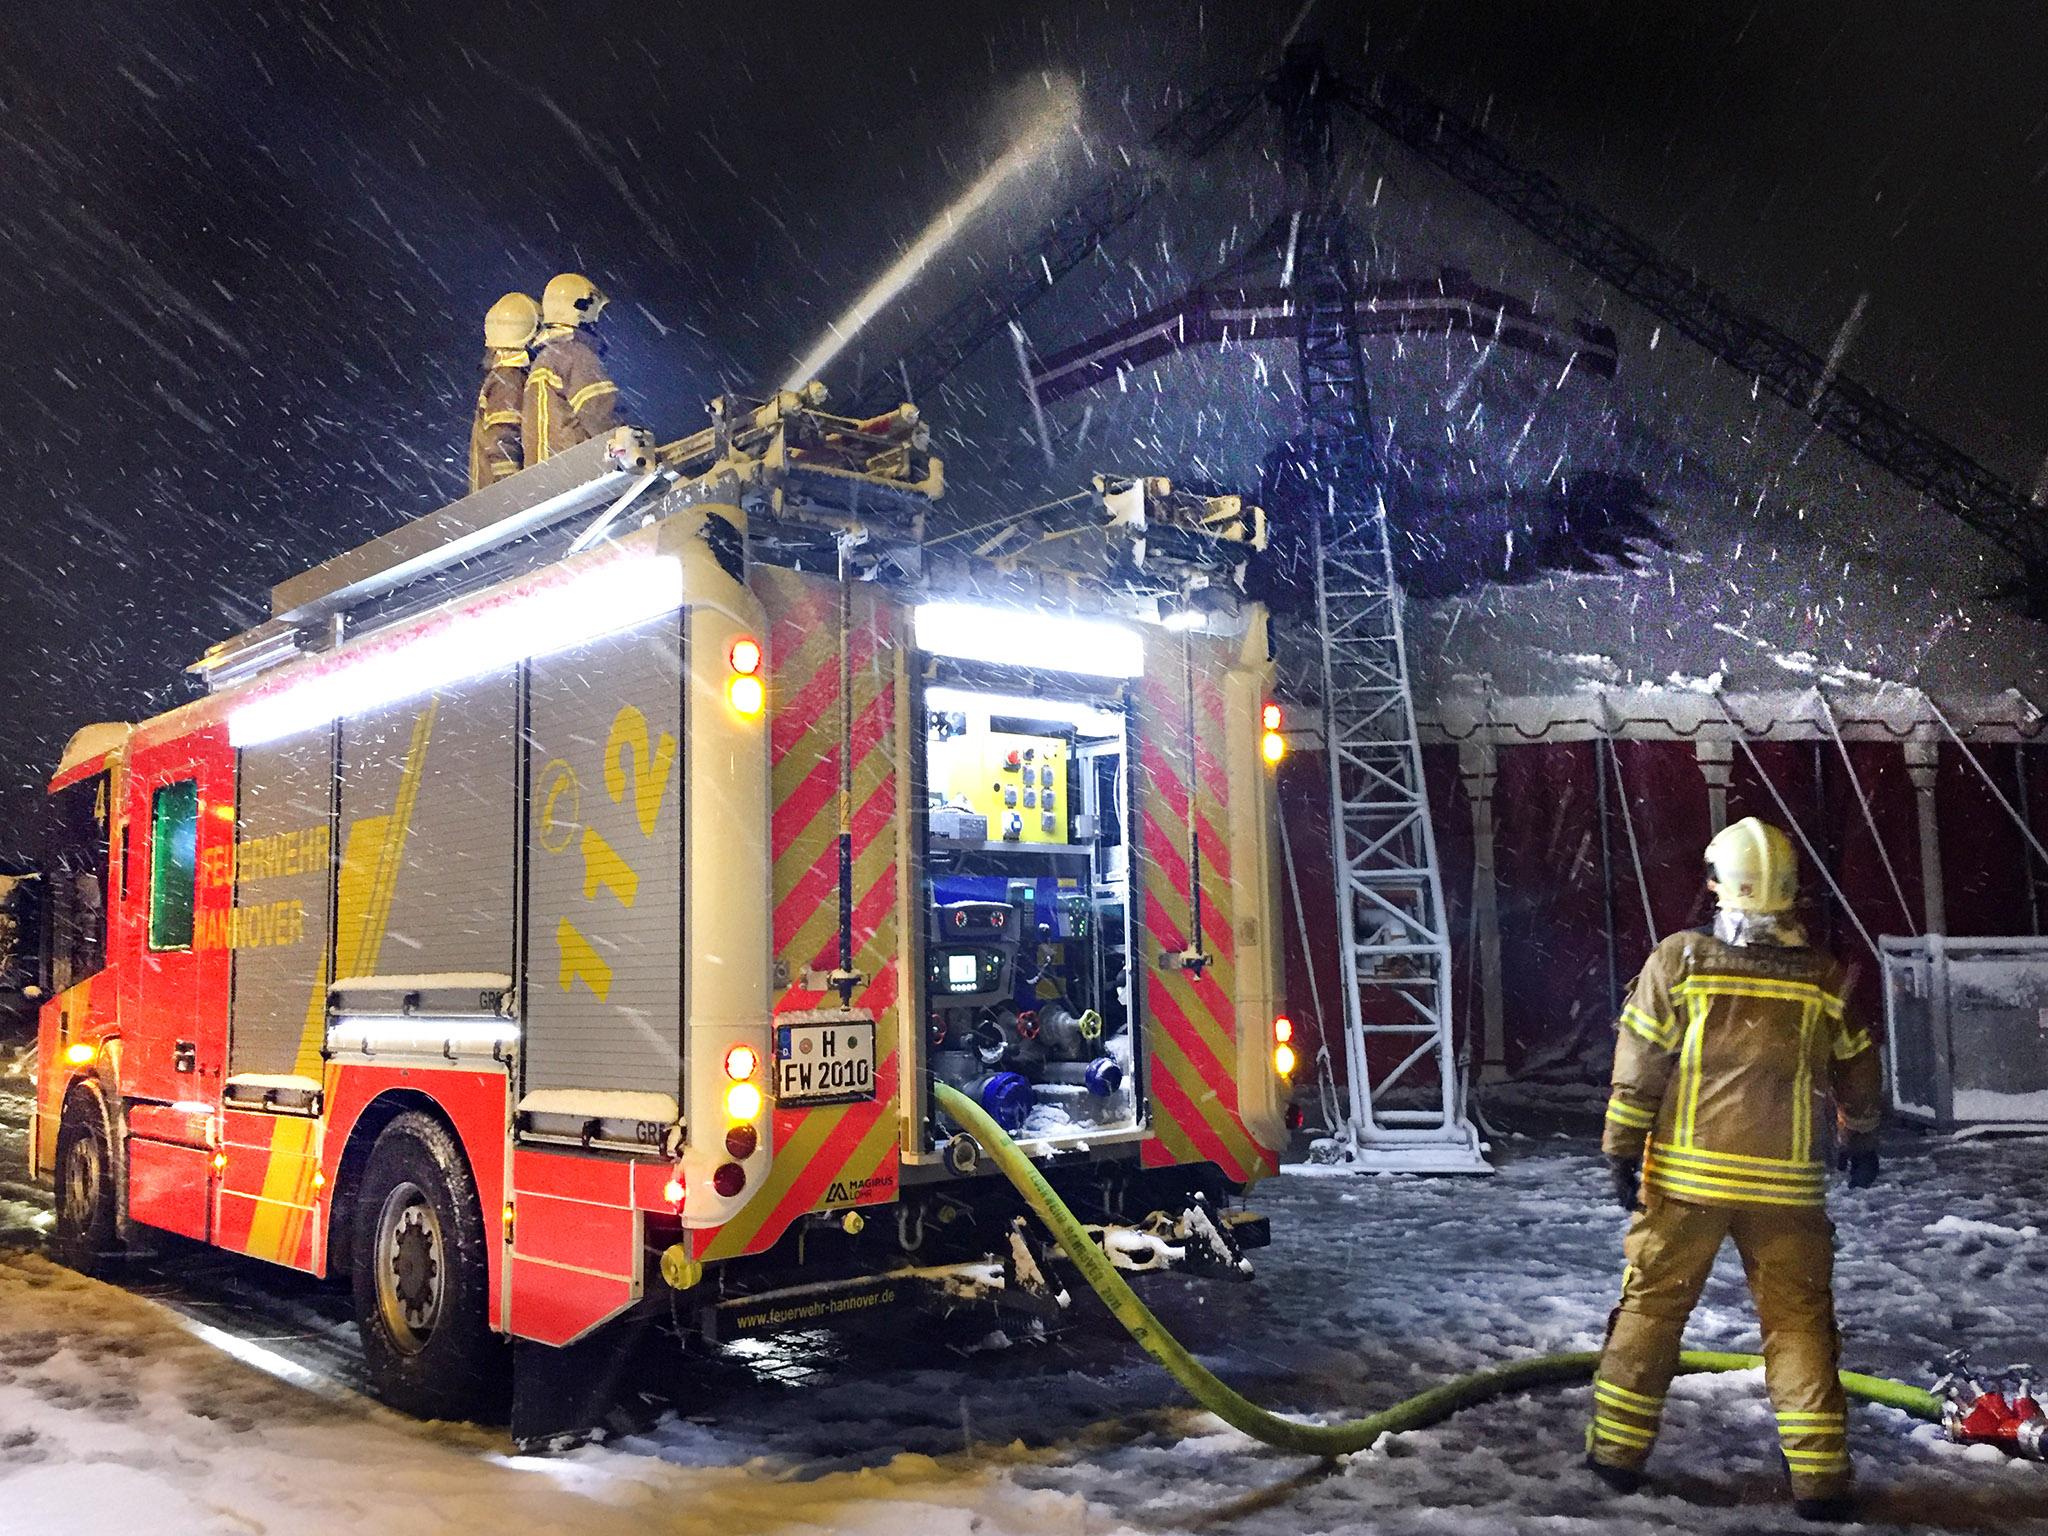 Im Vordergrund ein HLF20 der Feuerwehr Hannover mit mehreren Einsatzkräften, die durch Spülen das Zirkuszelt im Hintergrund von der Schneelast befreien.